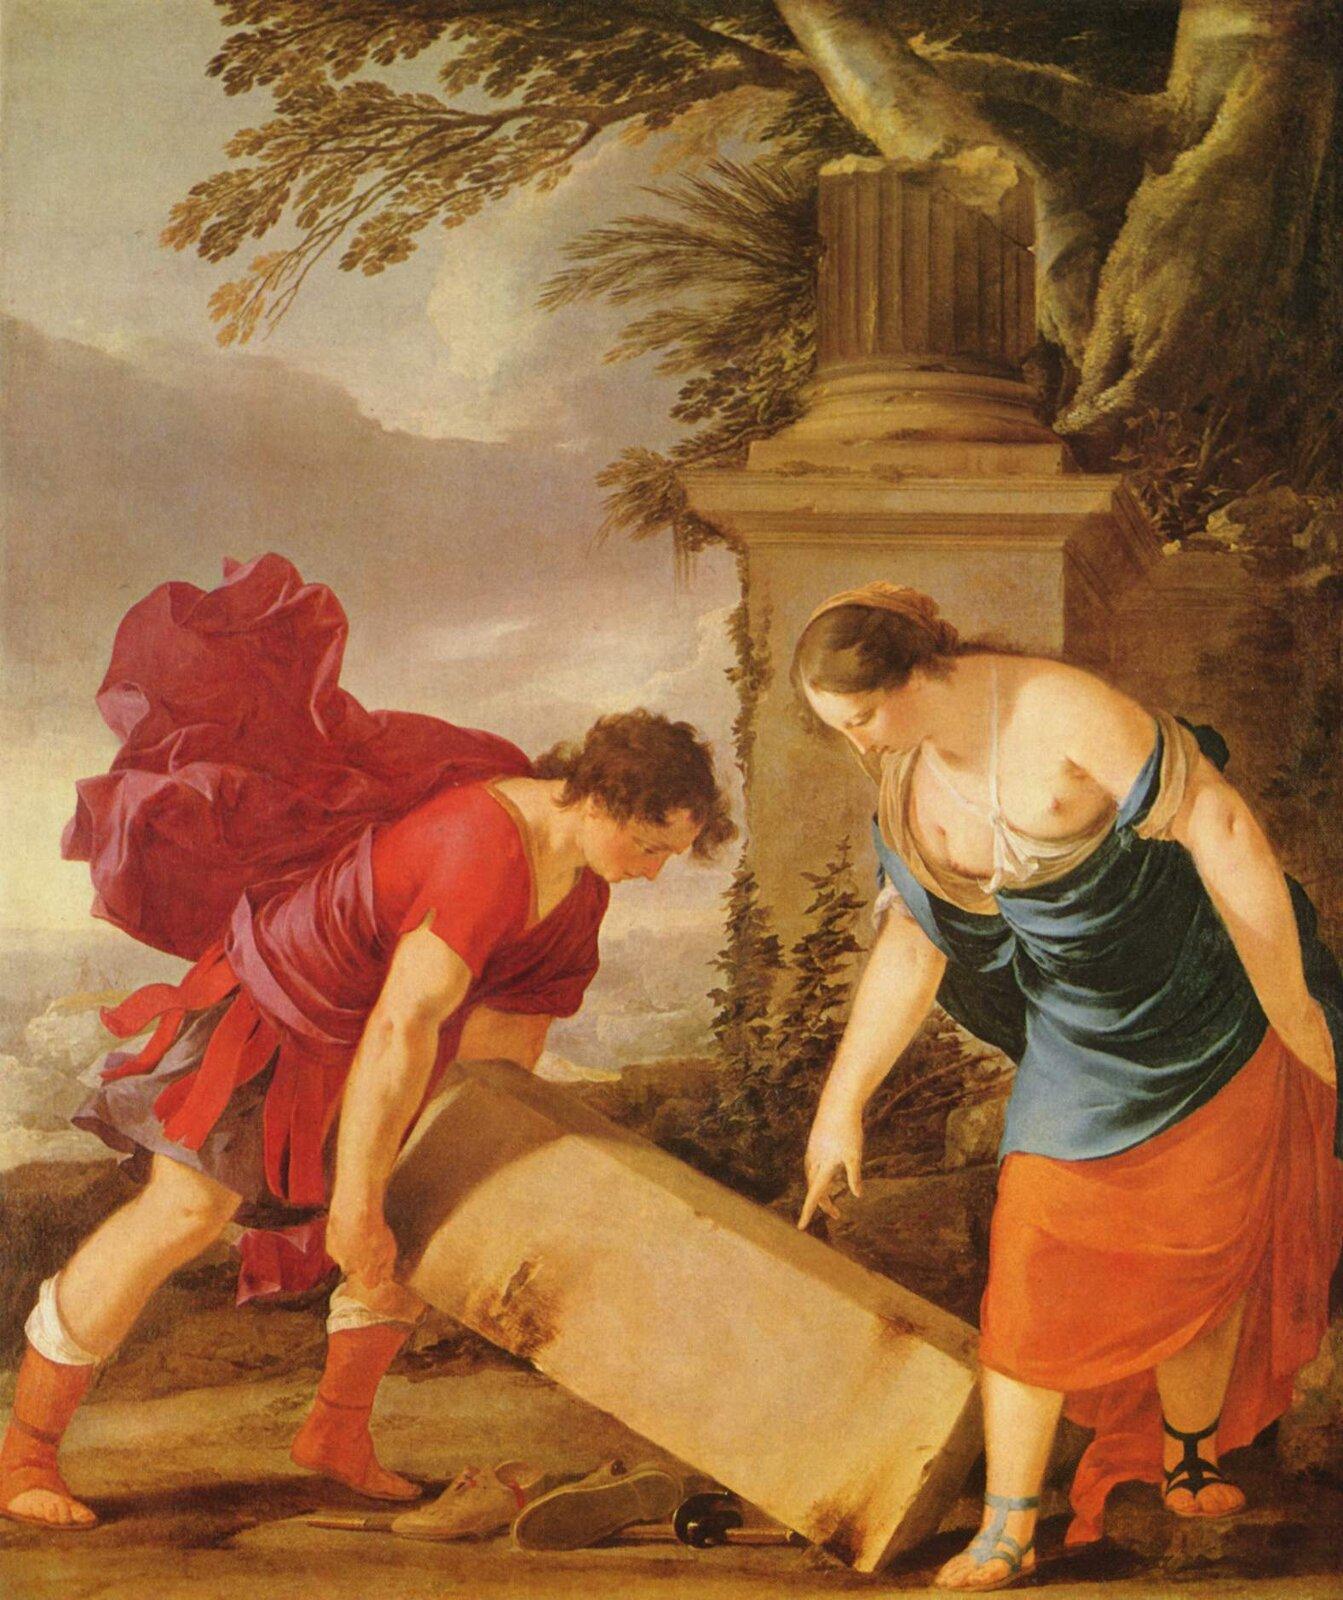 Tezeusz iAjtra Źródło: Laurent de La Hyre, Tezeusz iAjtra, ok. 1635–1636, olej na płótnie, Muzeum Sztuk Pięknych, Budapeszt, Węgry, domena publiczna.